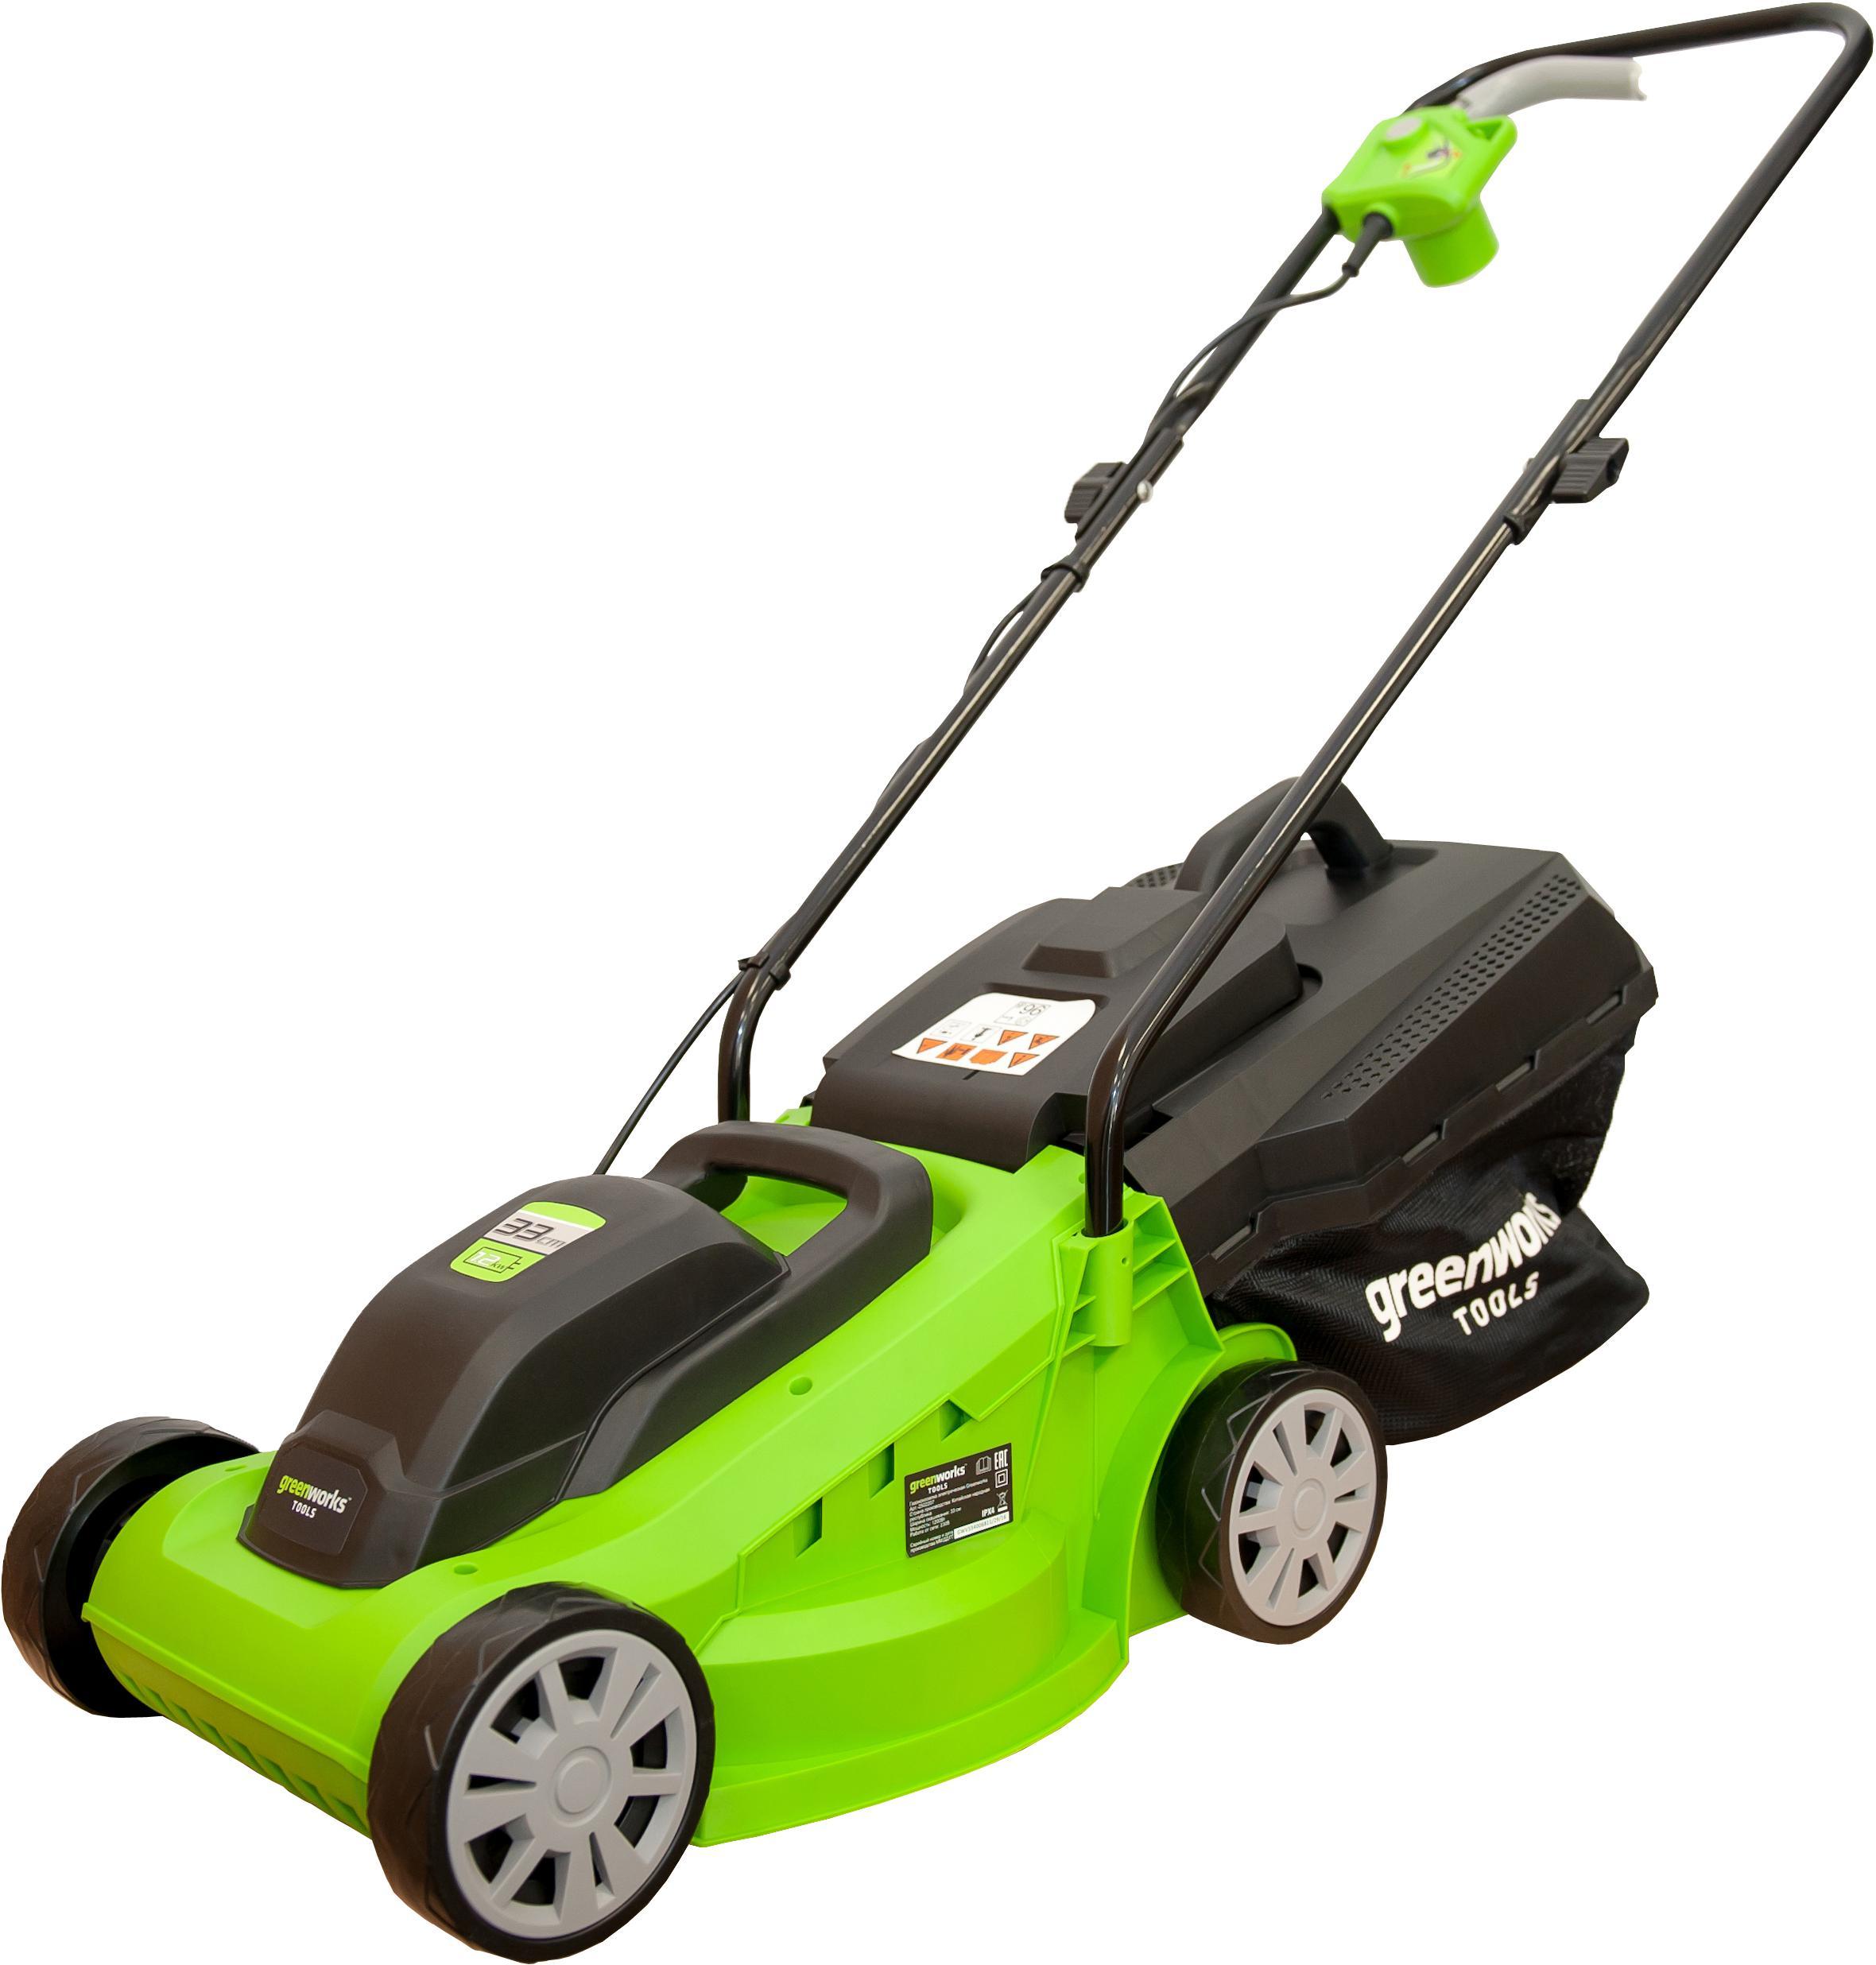 Газонокосилка Greenworks Glm1232 (2502207)